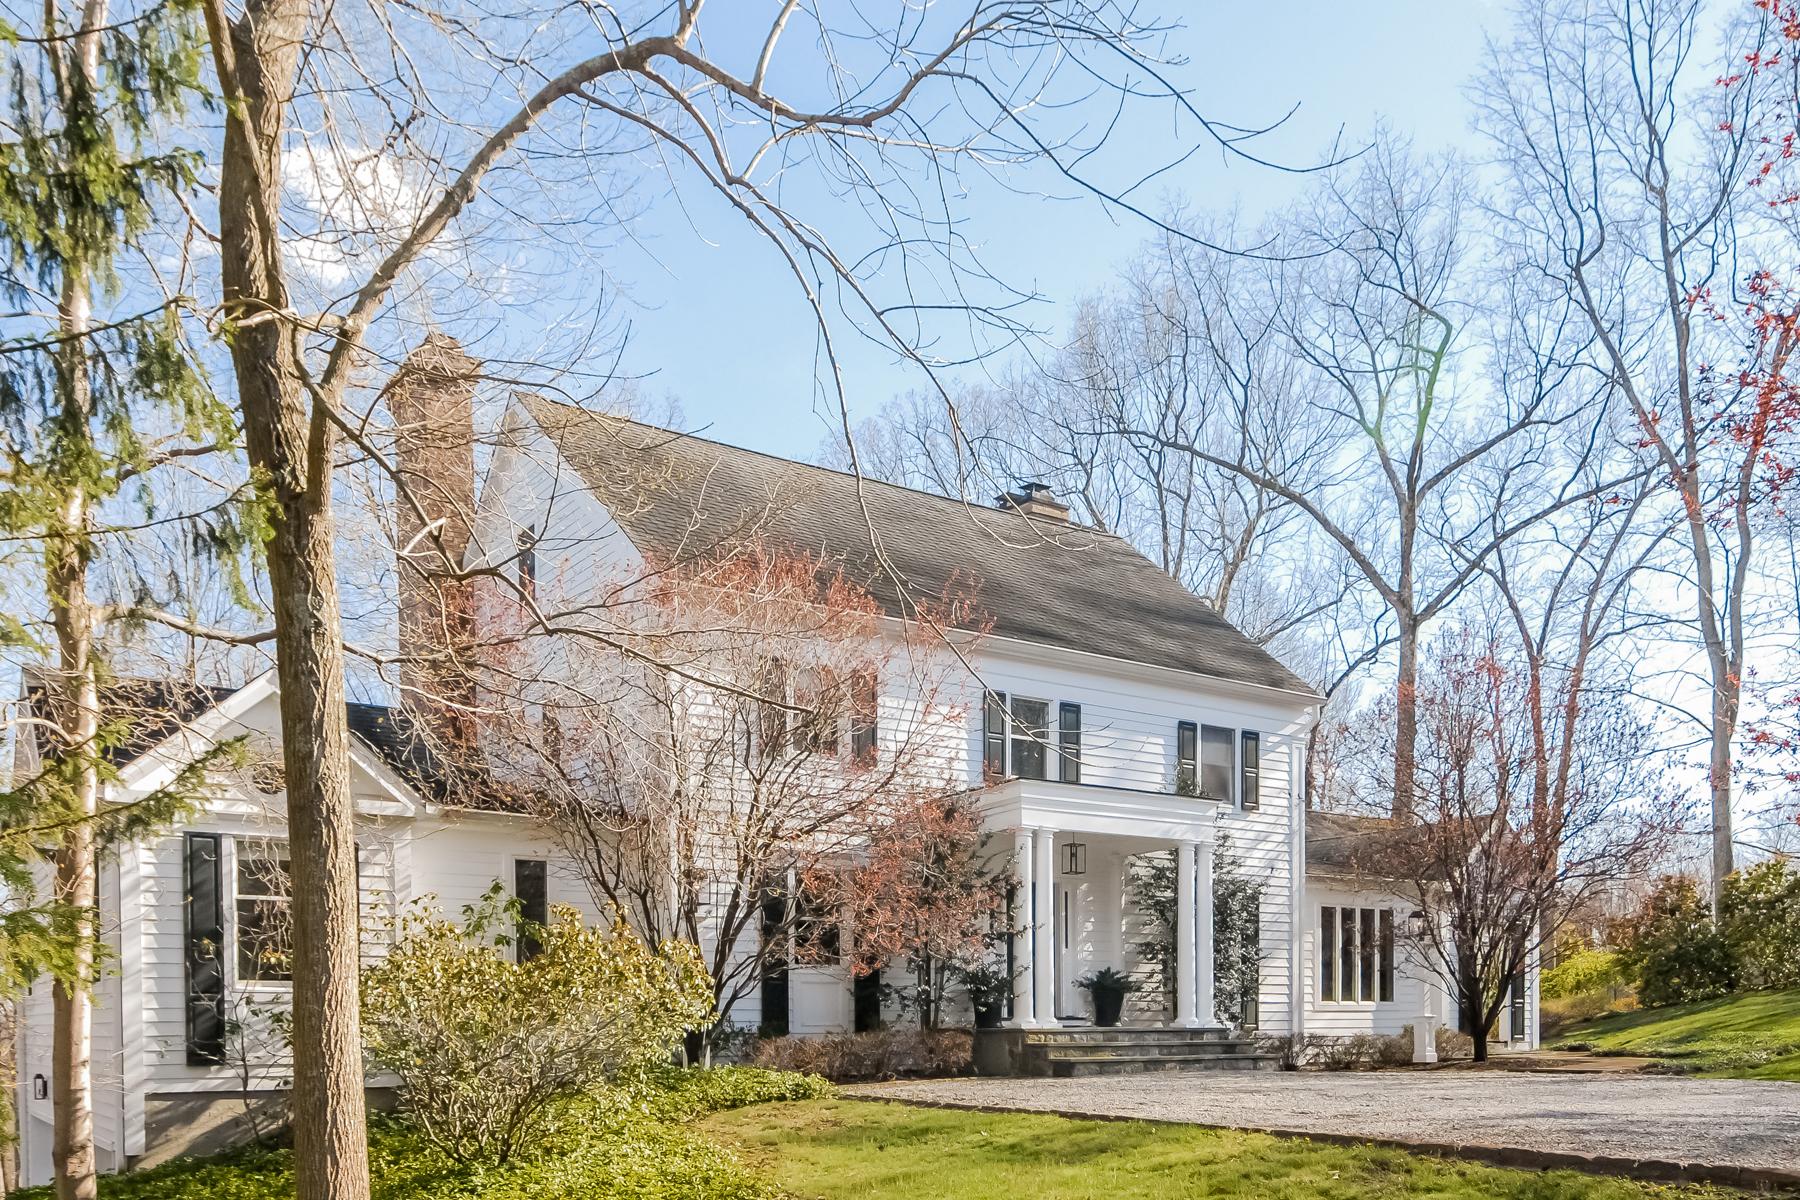 独户住宅 为 销售 在 Peaceful & Private 26 Hilltop Road 坎多纳市, 纽约州 10536 美国